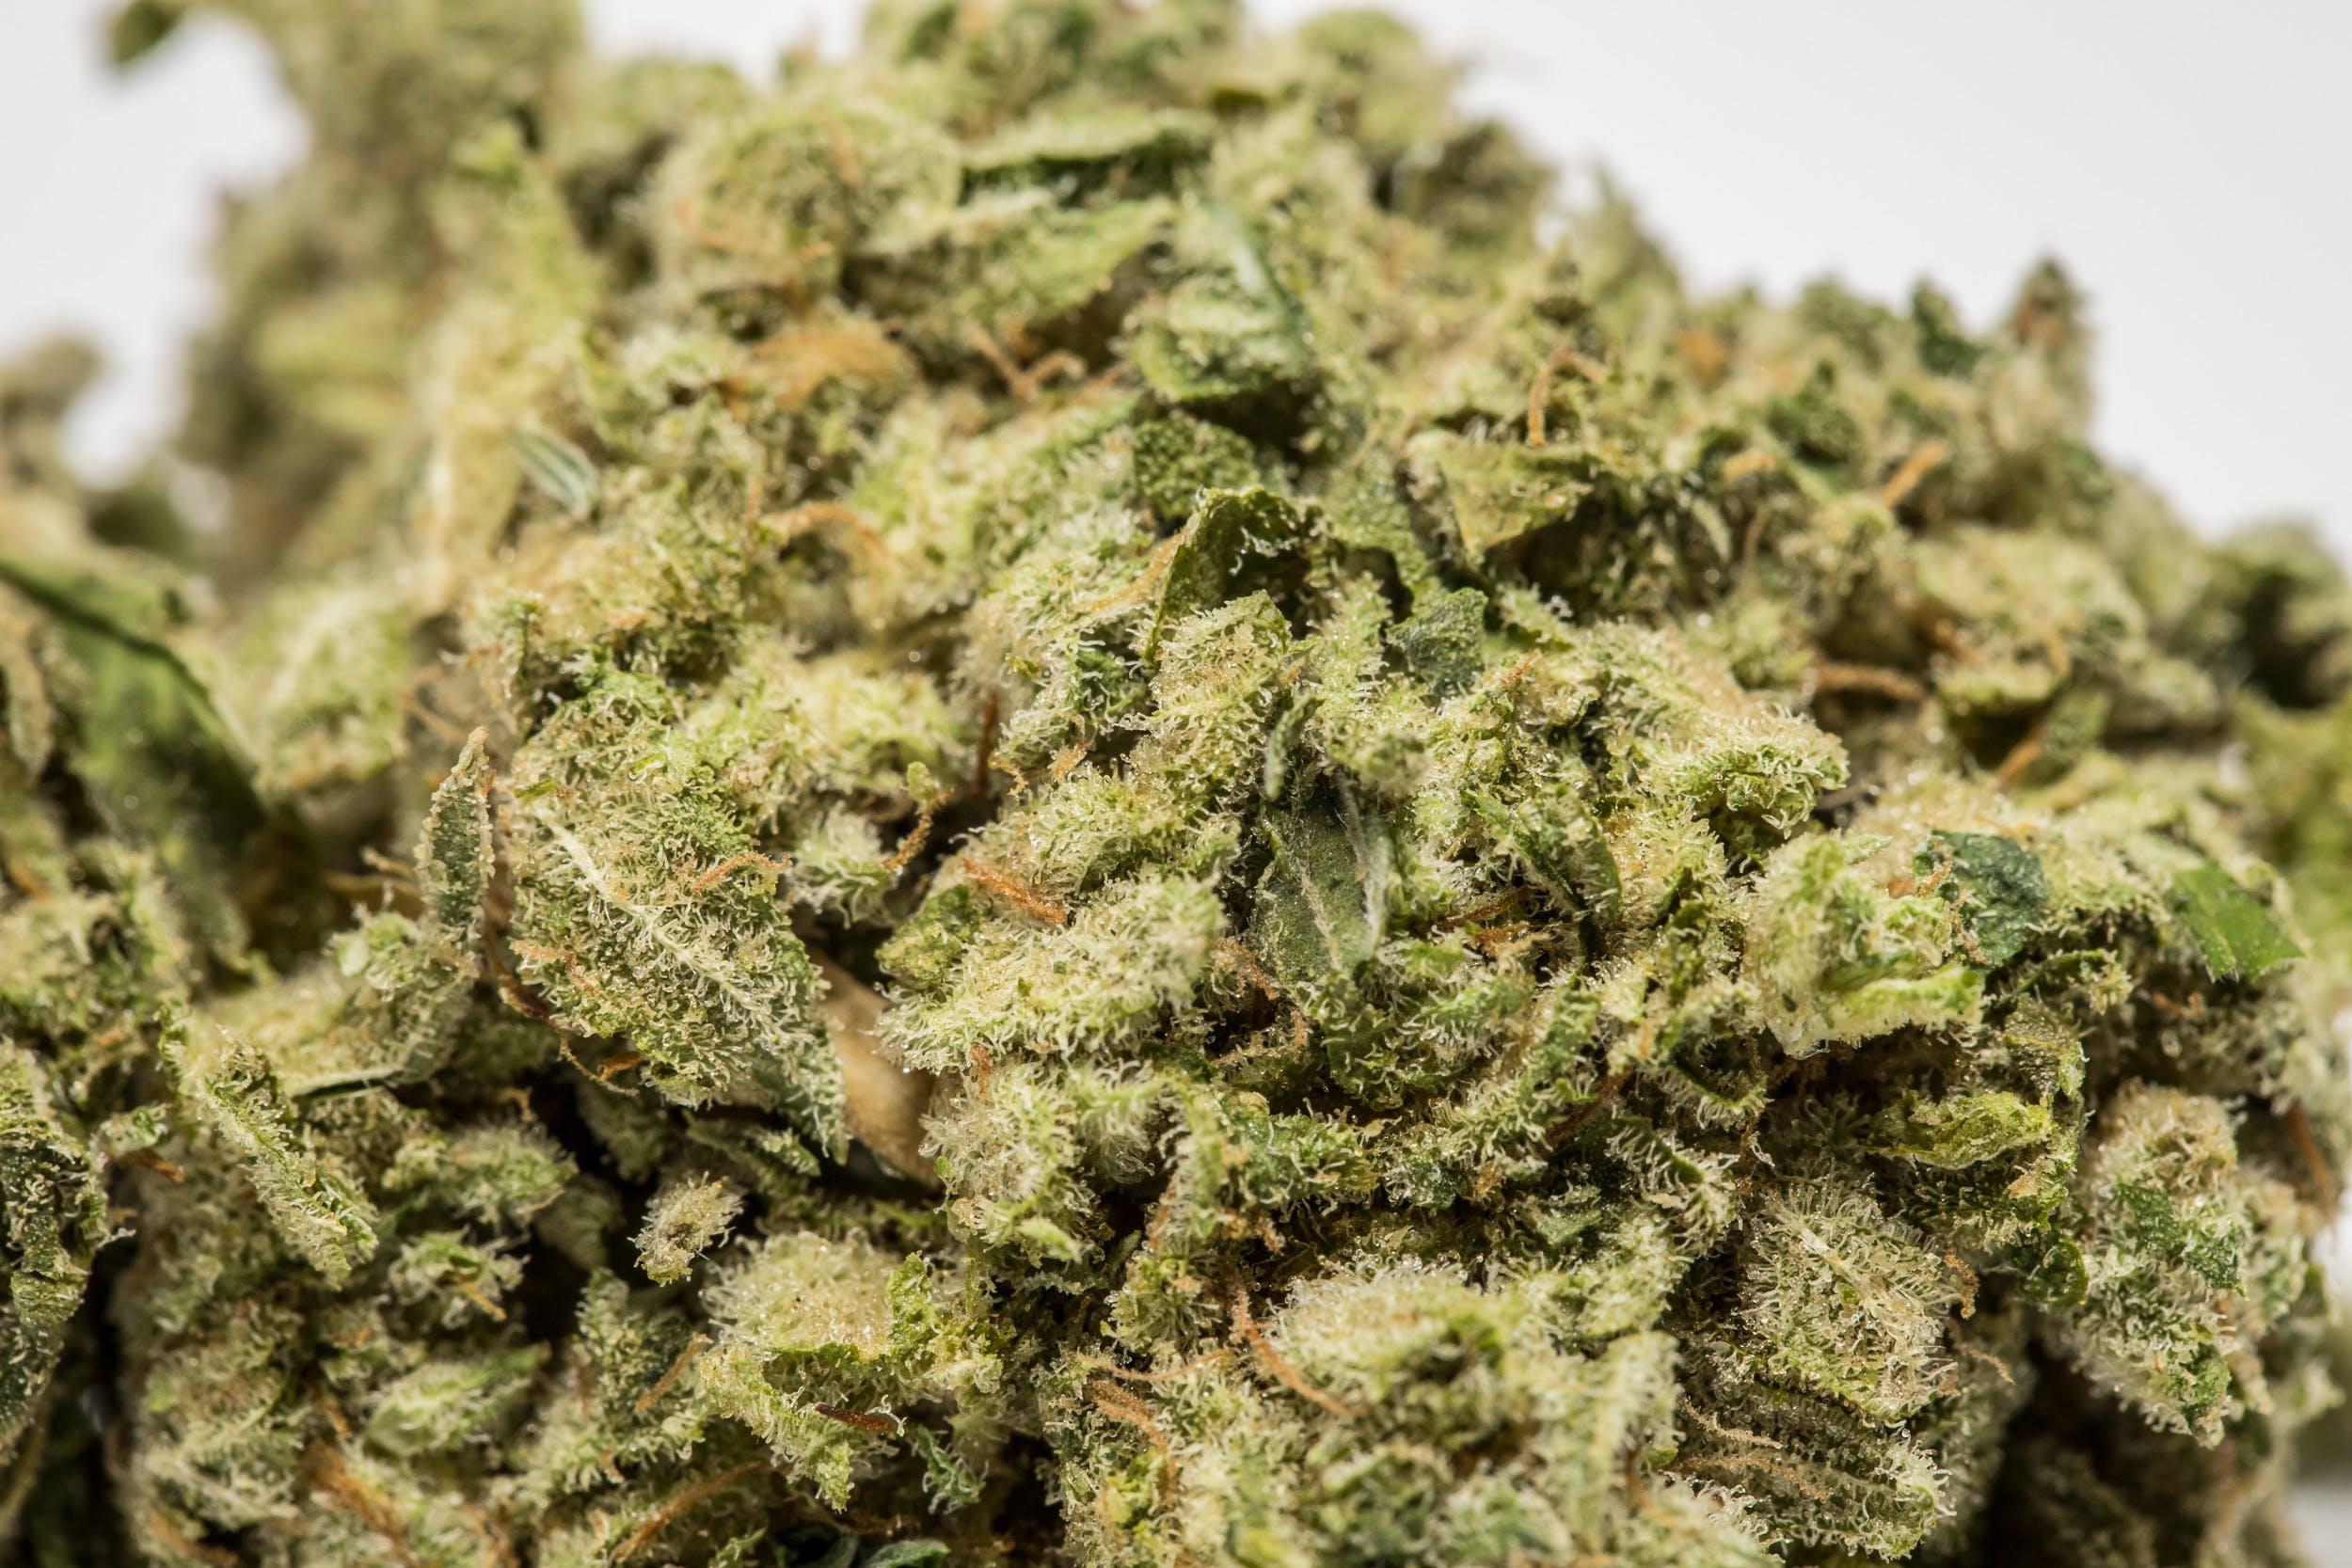 GG1 Weed; GG1 Cannabis Strain; GG1 Hybrid Marijuana Strain